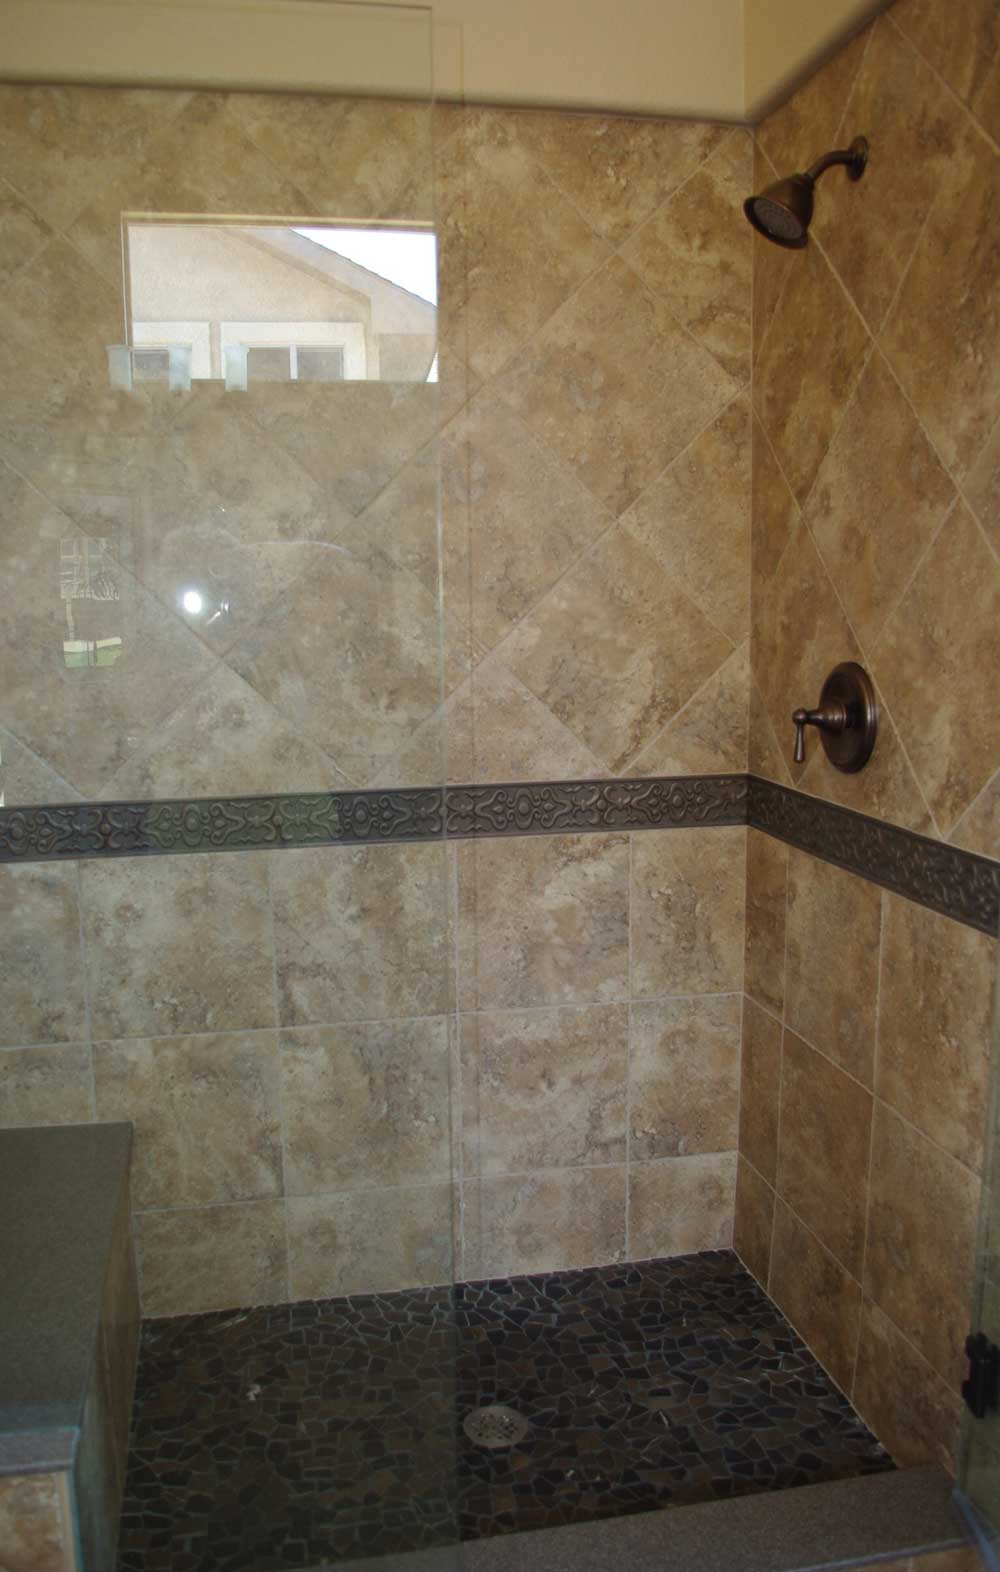 colorad-springs-interipr-design-shower-tile.jpg